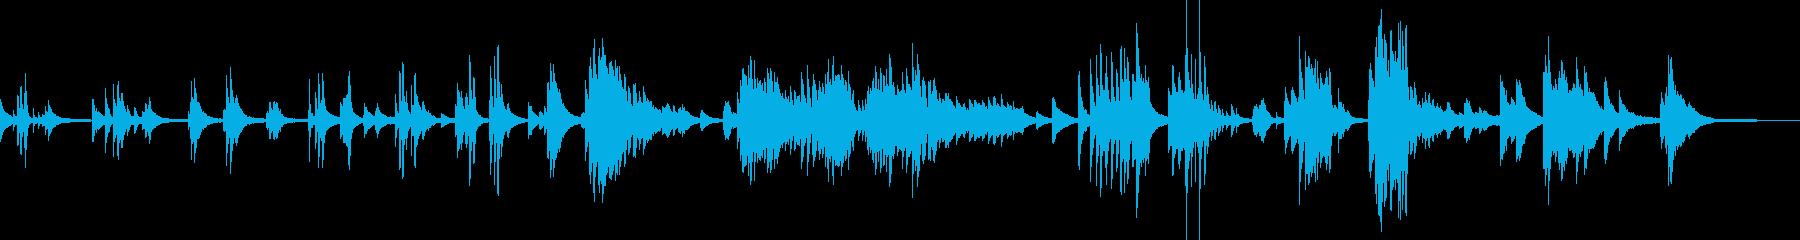 しっとり切ないピアノバラードの再生済みの波形